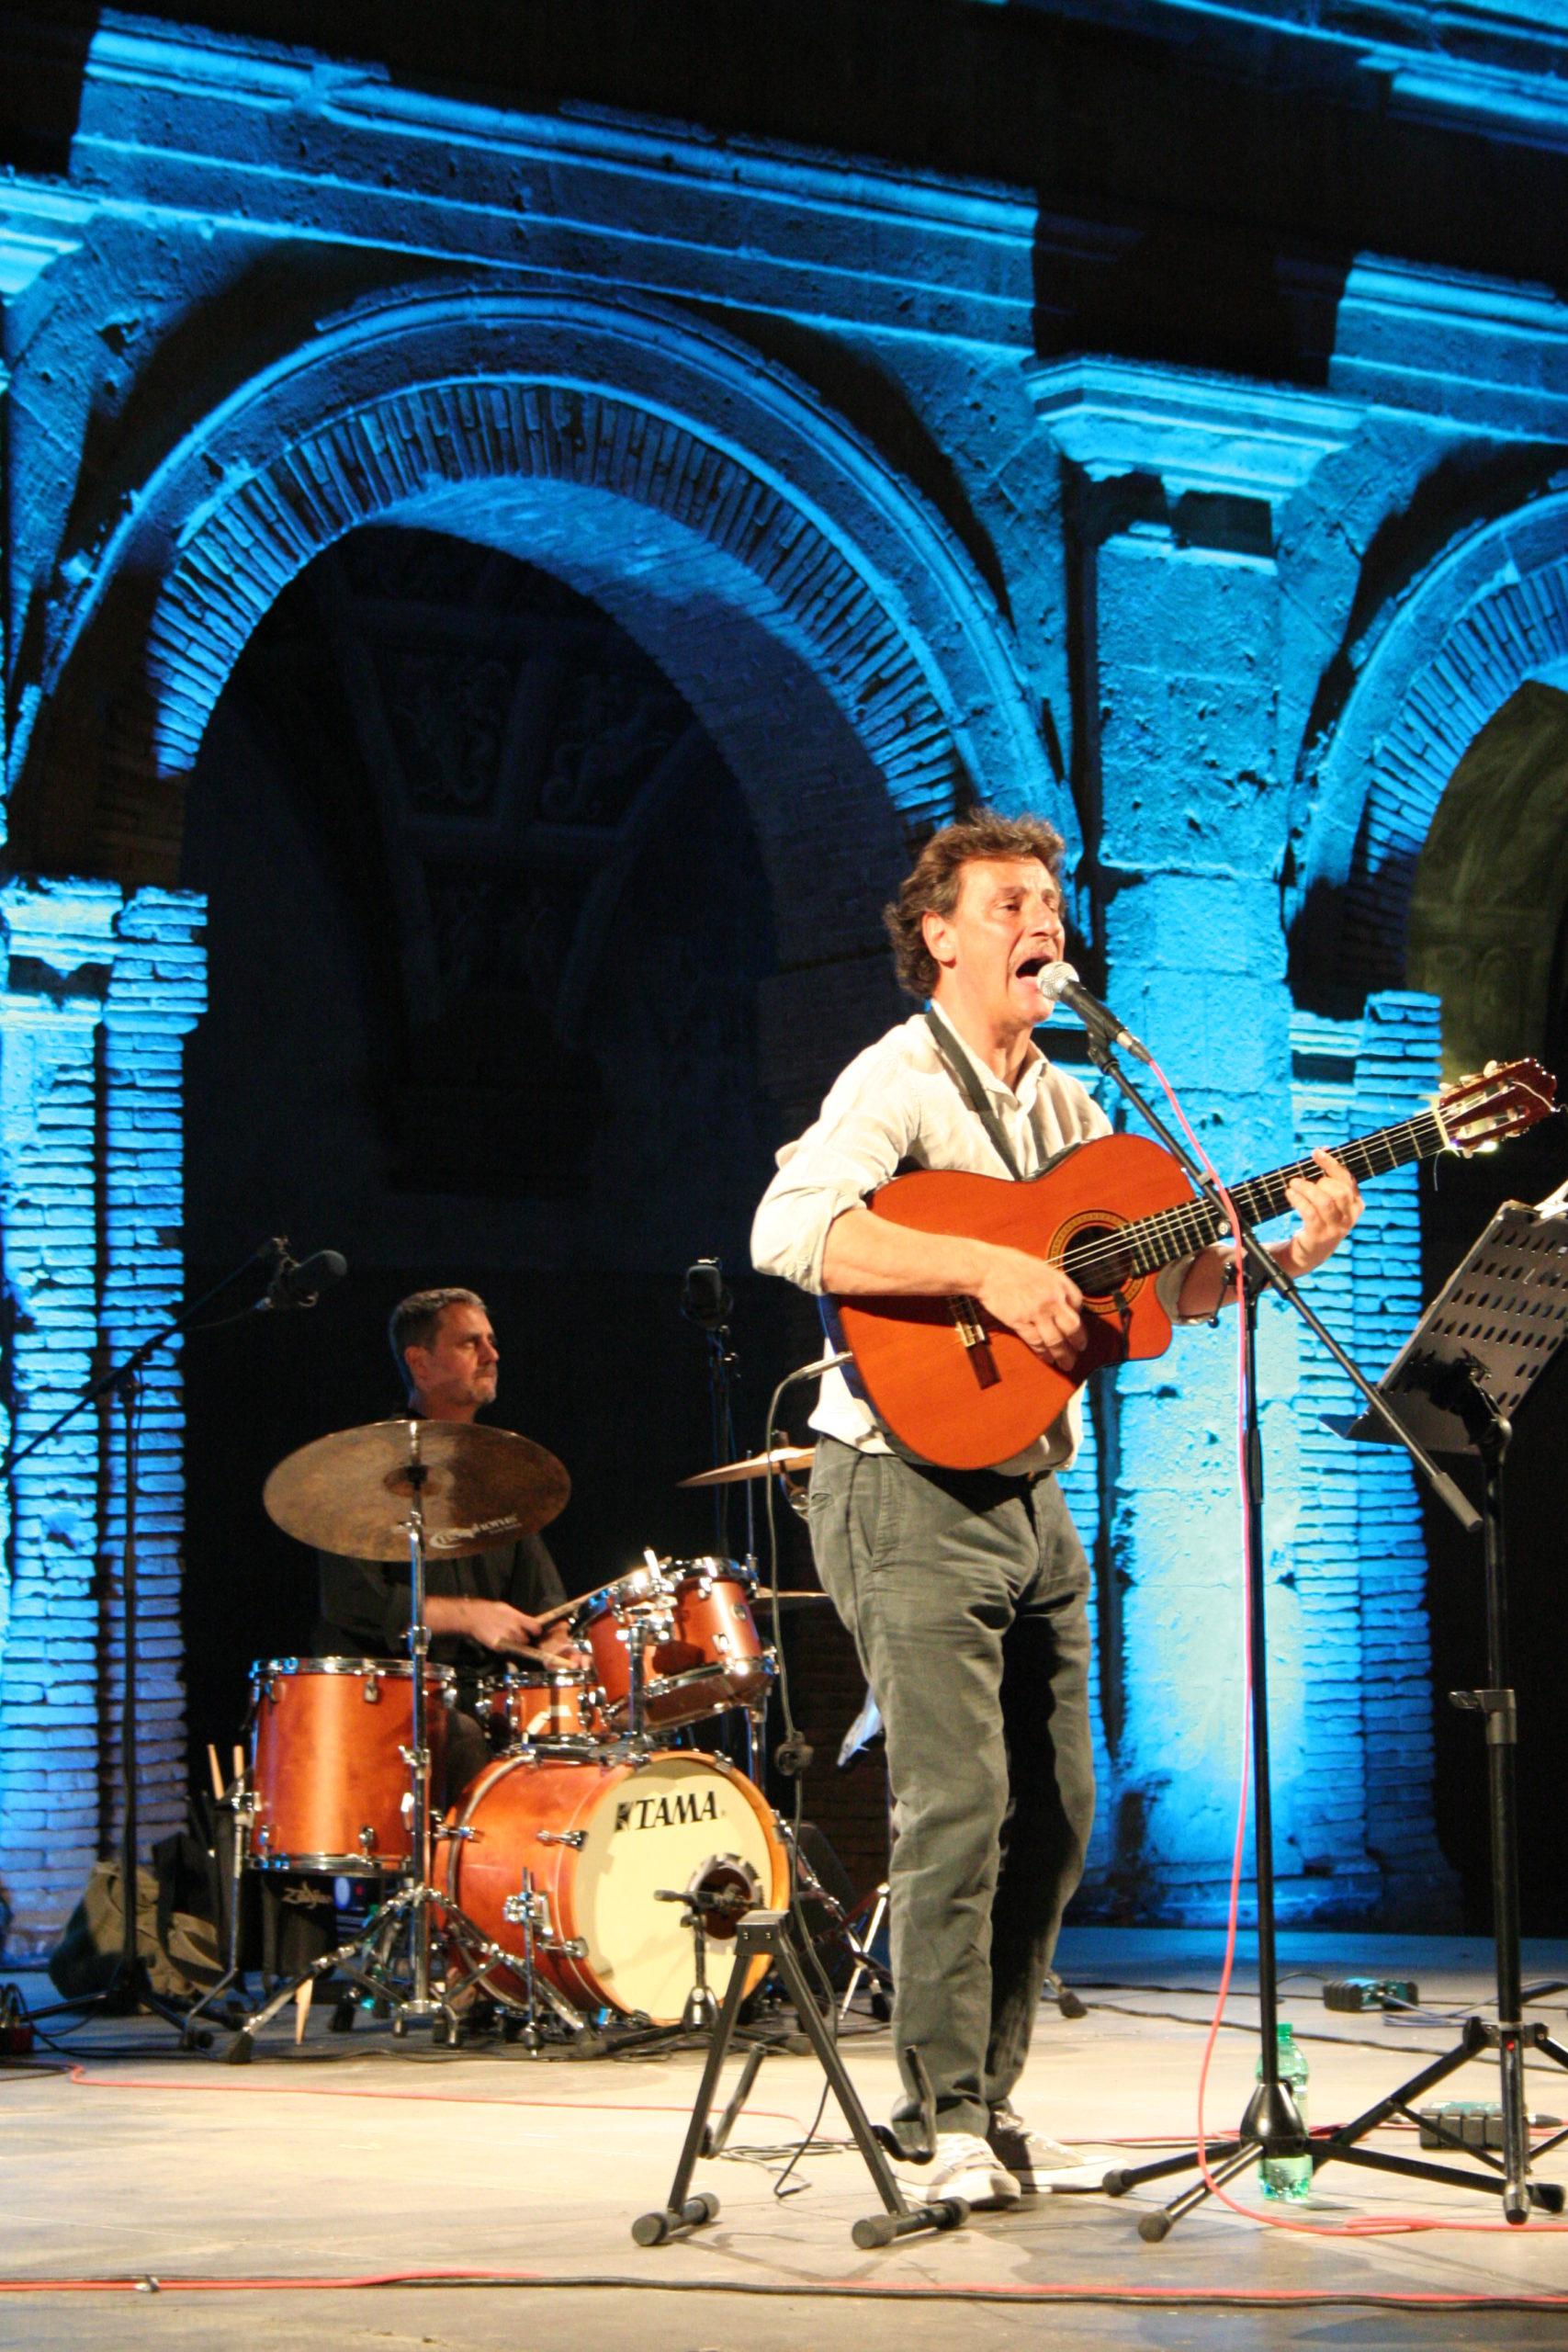 Civitafestival